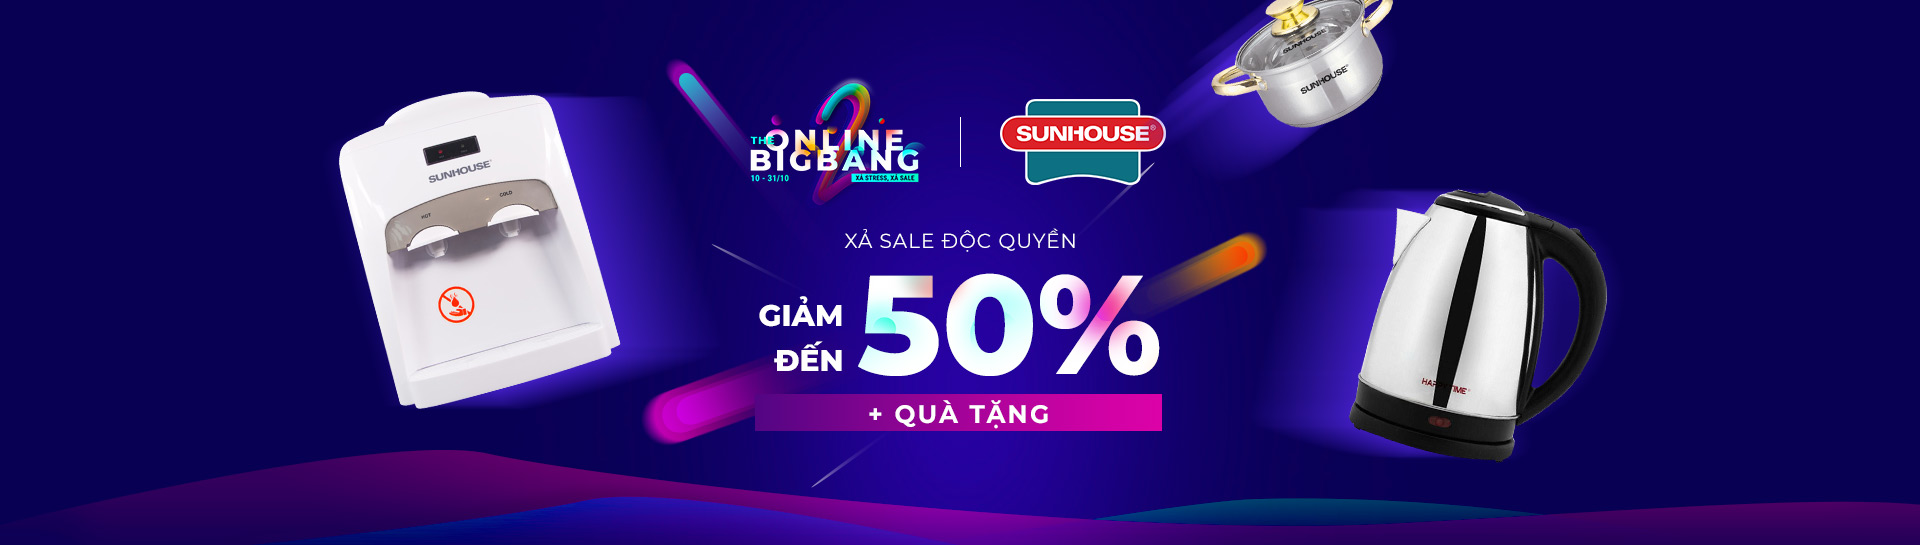 Sunhouse - Giảm giá đến 50%+ Deal độc quyền + Quà tặng